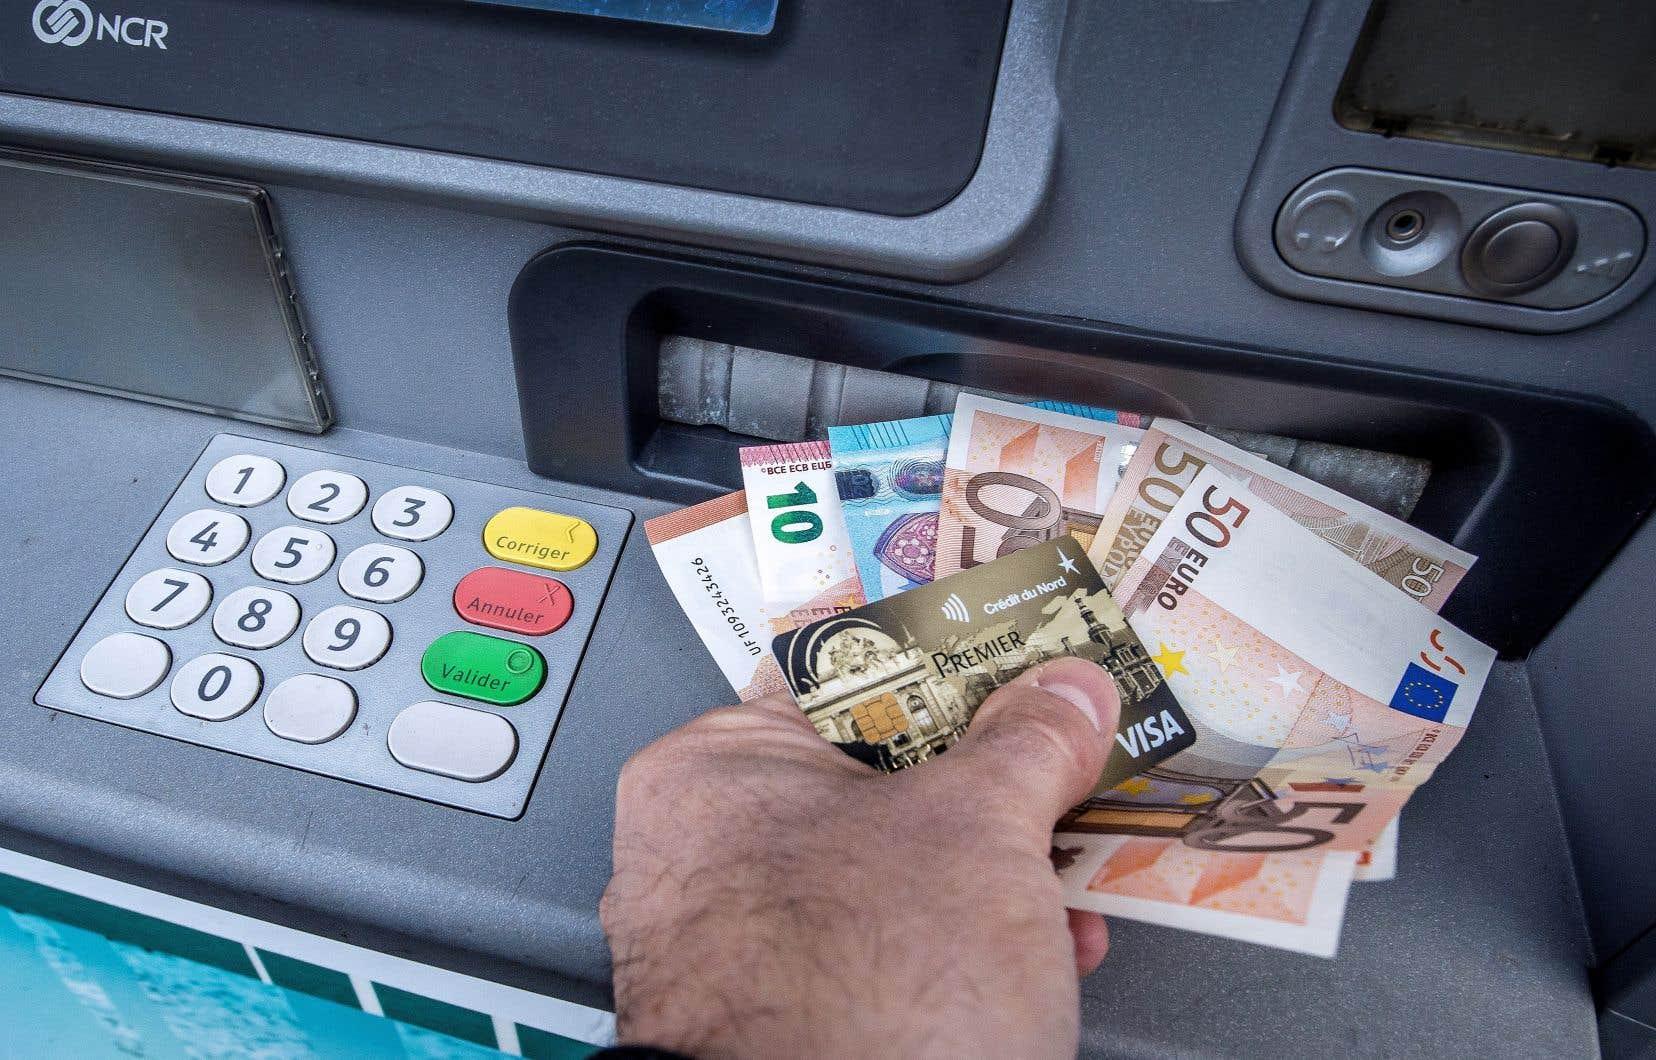 Selon la Banque de France, l'utilisation des billets de banque ne présente pas de risques particuliers d'infection à la COVID-19.